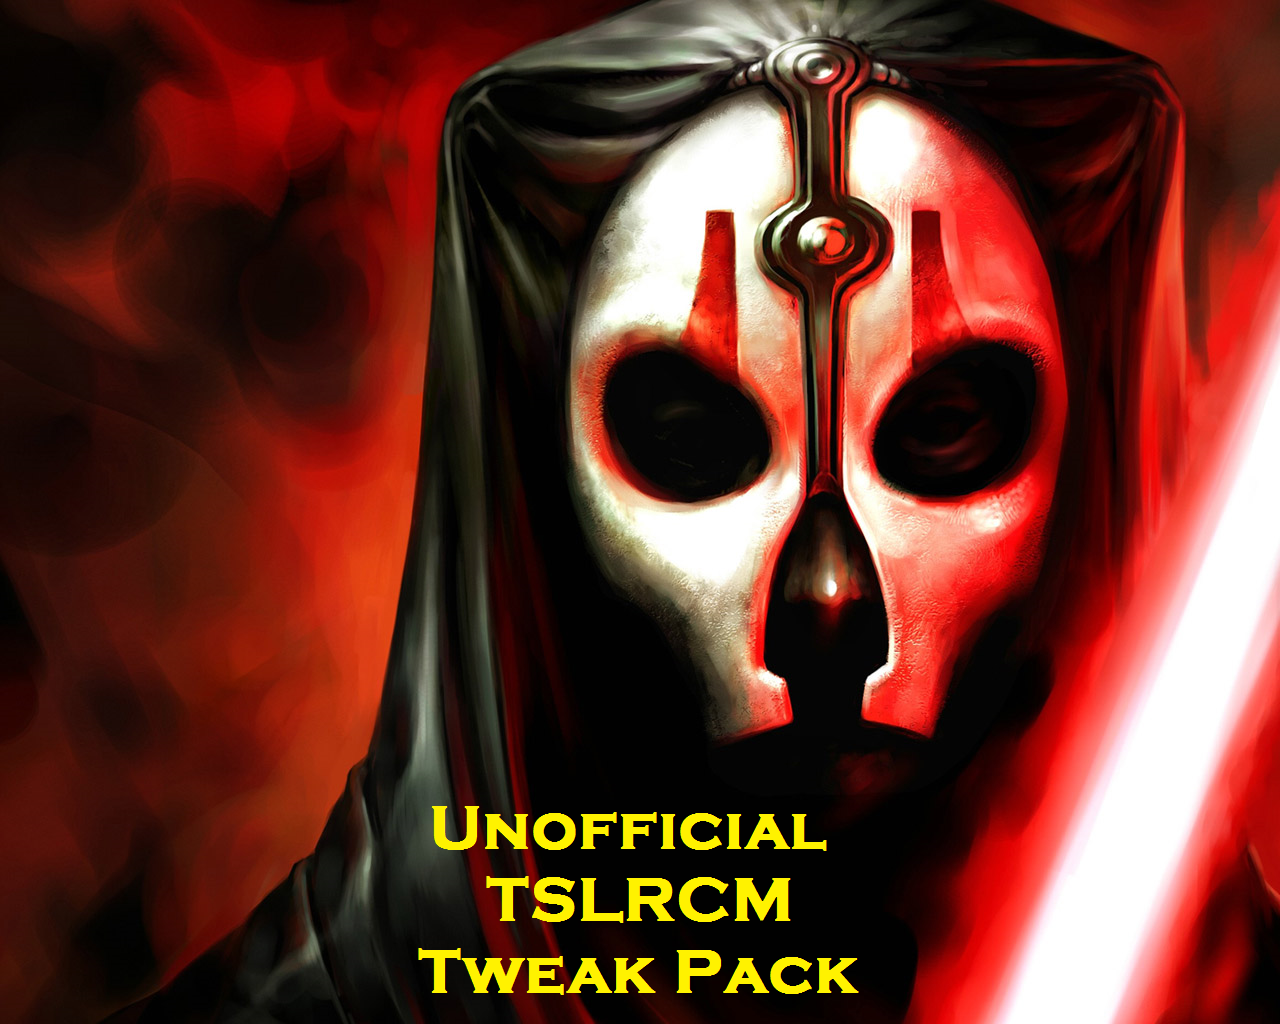 Unofficial TSLRCM Tweak Pack